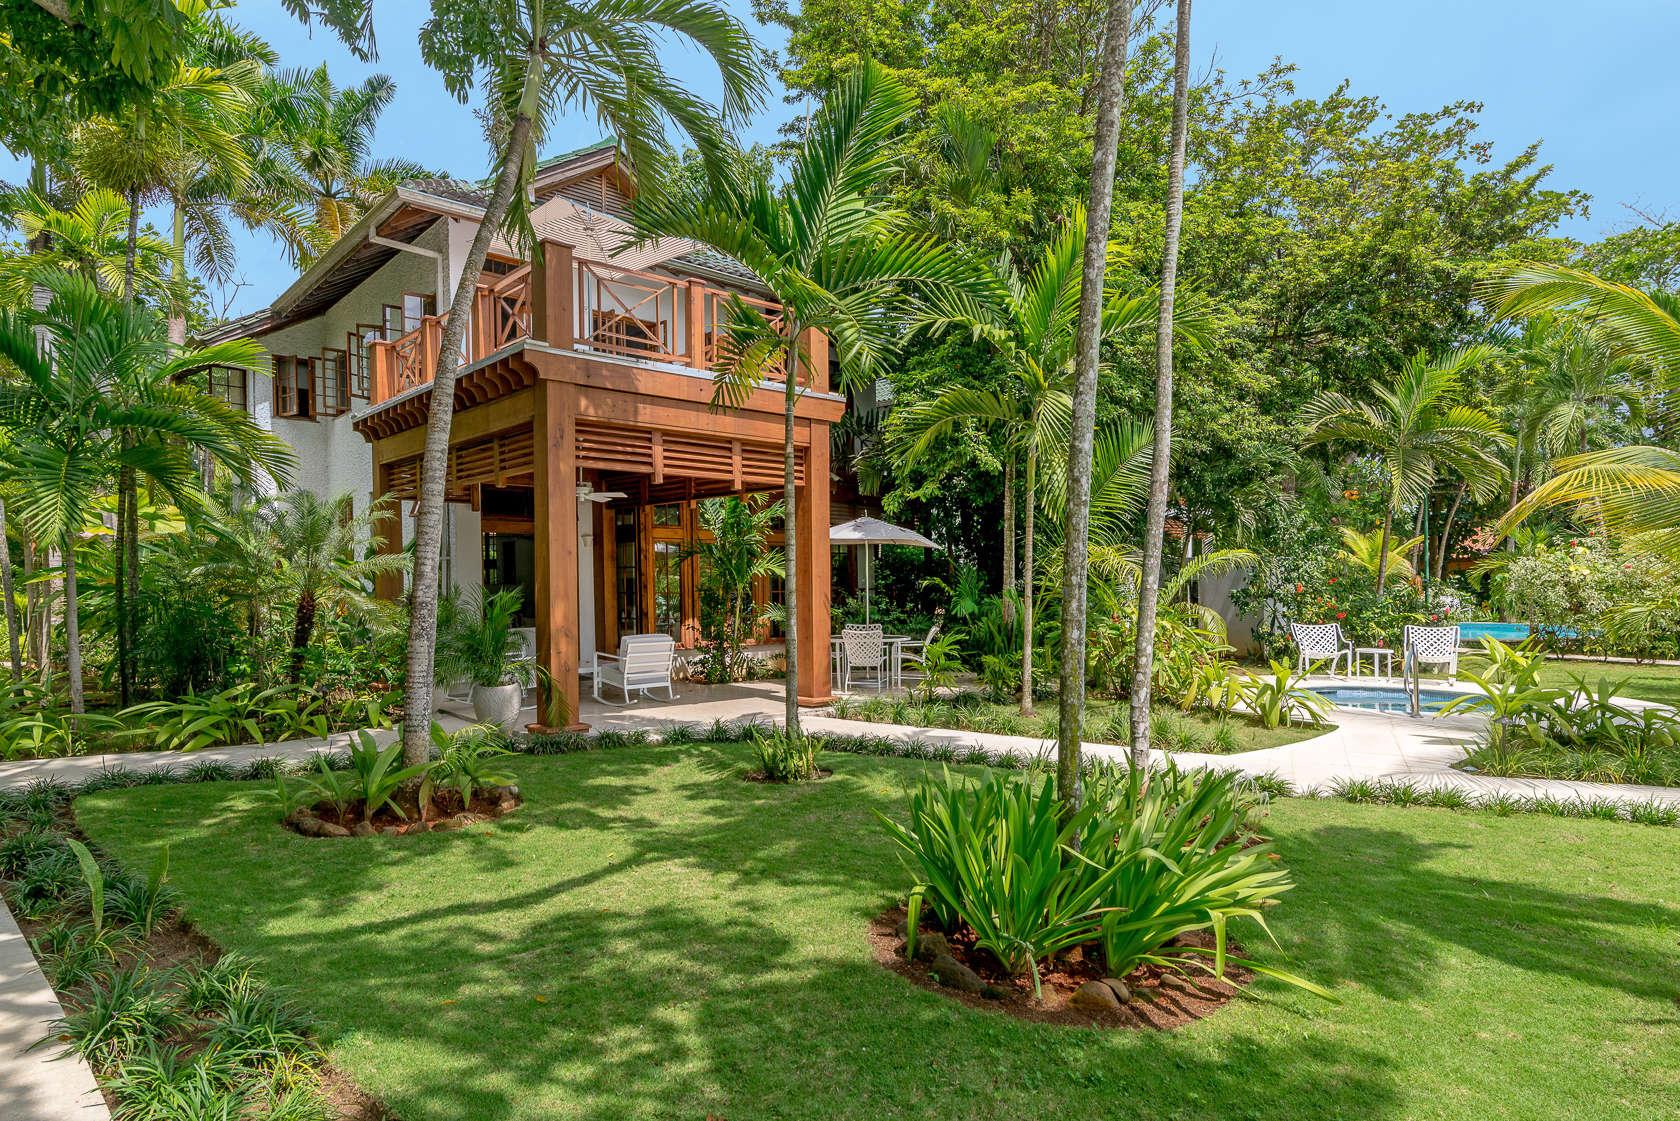 - Nasebeery Villa - Image 1/8